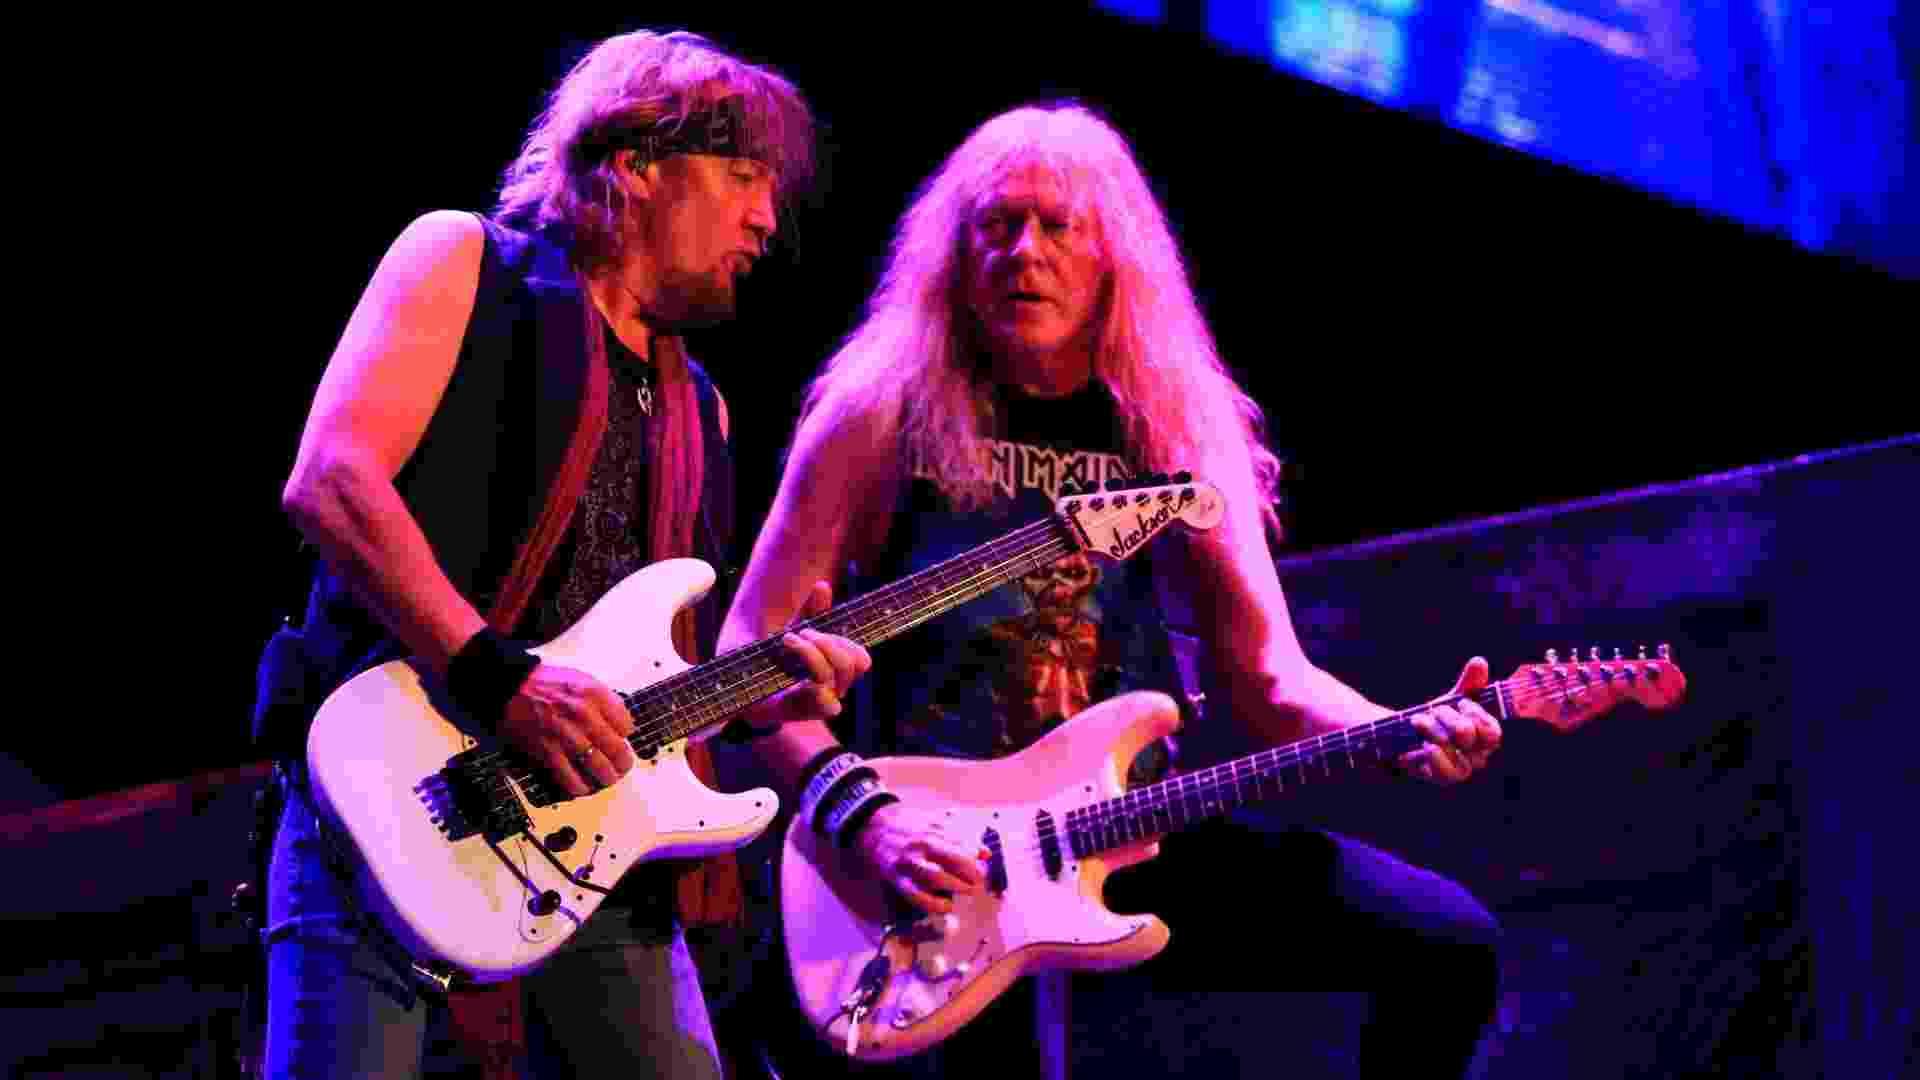 """17.mar.2016 - Iron Maiden abre a turnê brasileira de """"The Book of Souls"""" com um show no HSBC Arena, no Rio de Janeiro - Douglas Shineidr/UOL"""